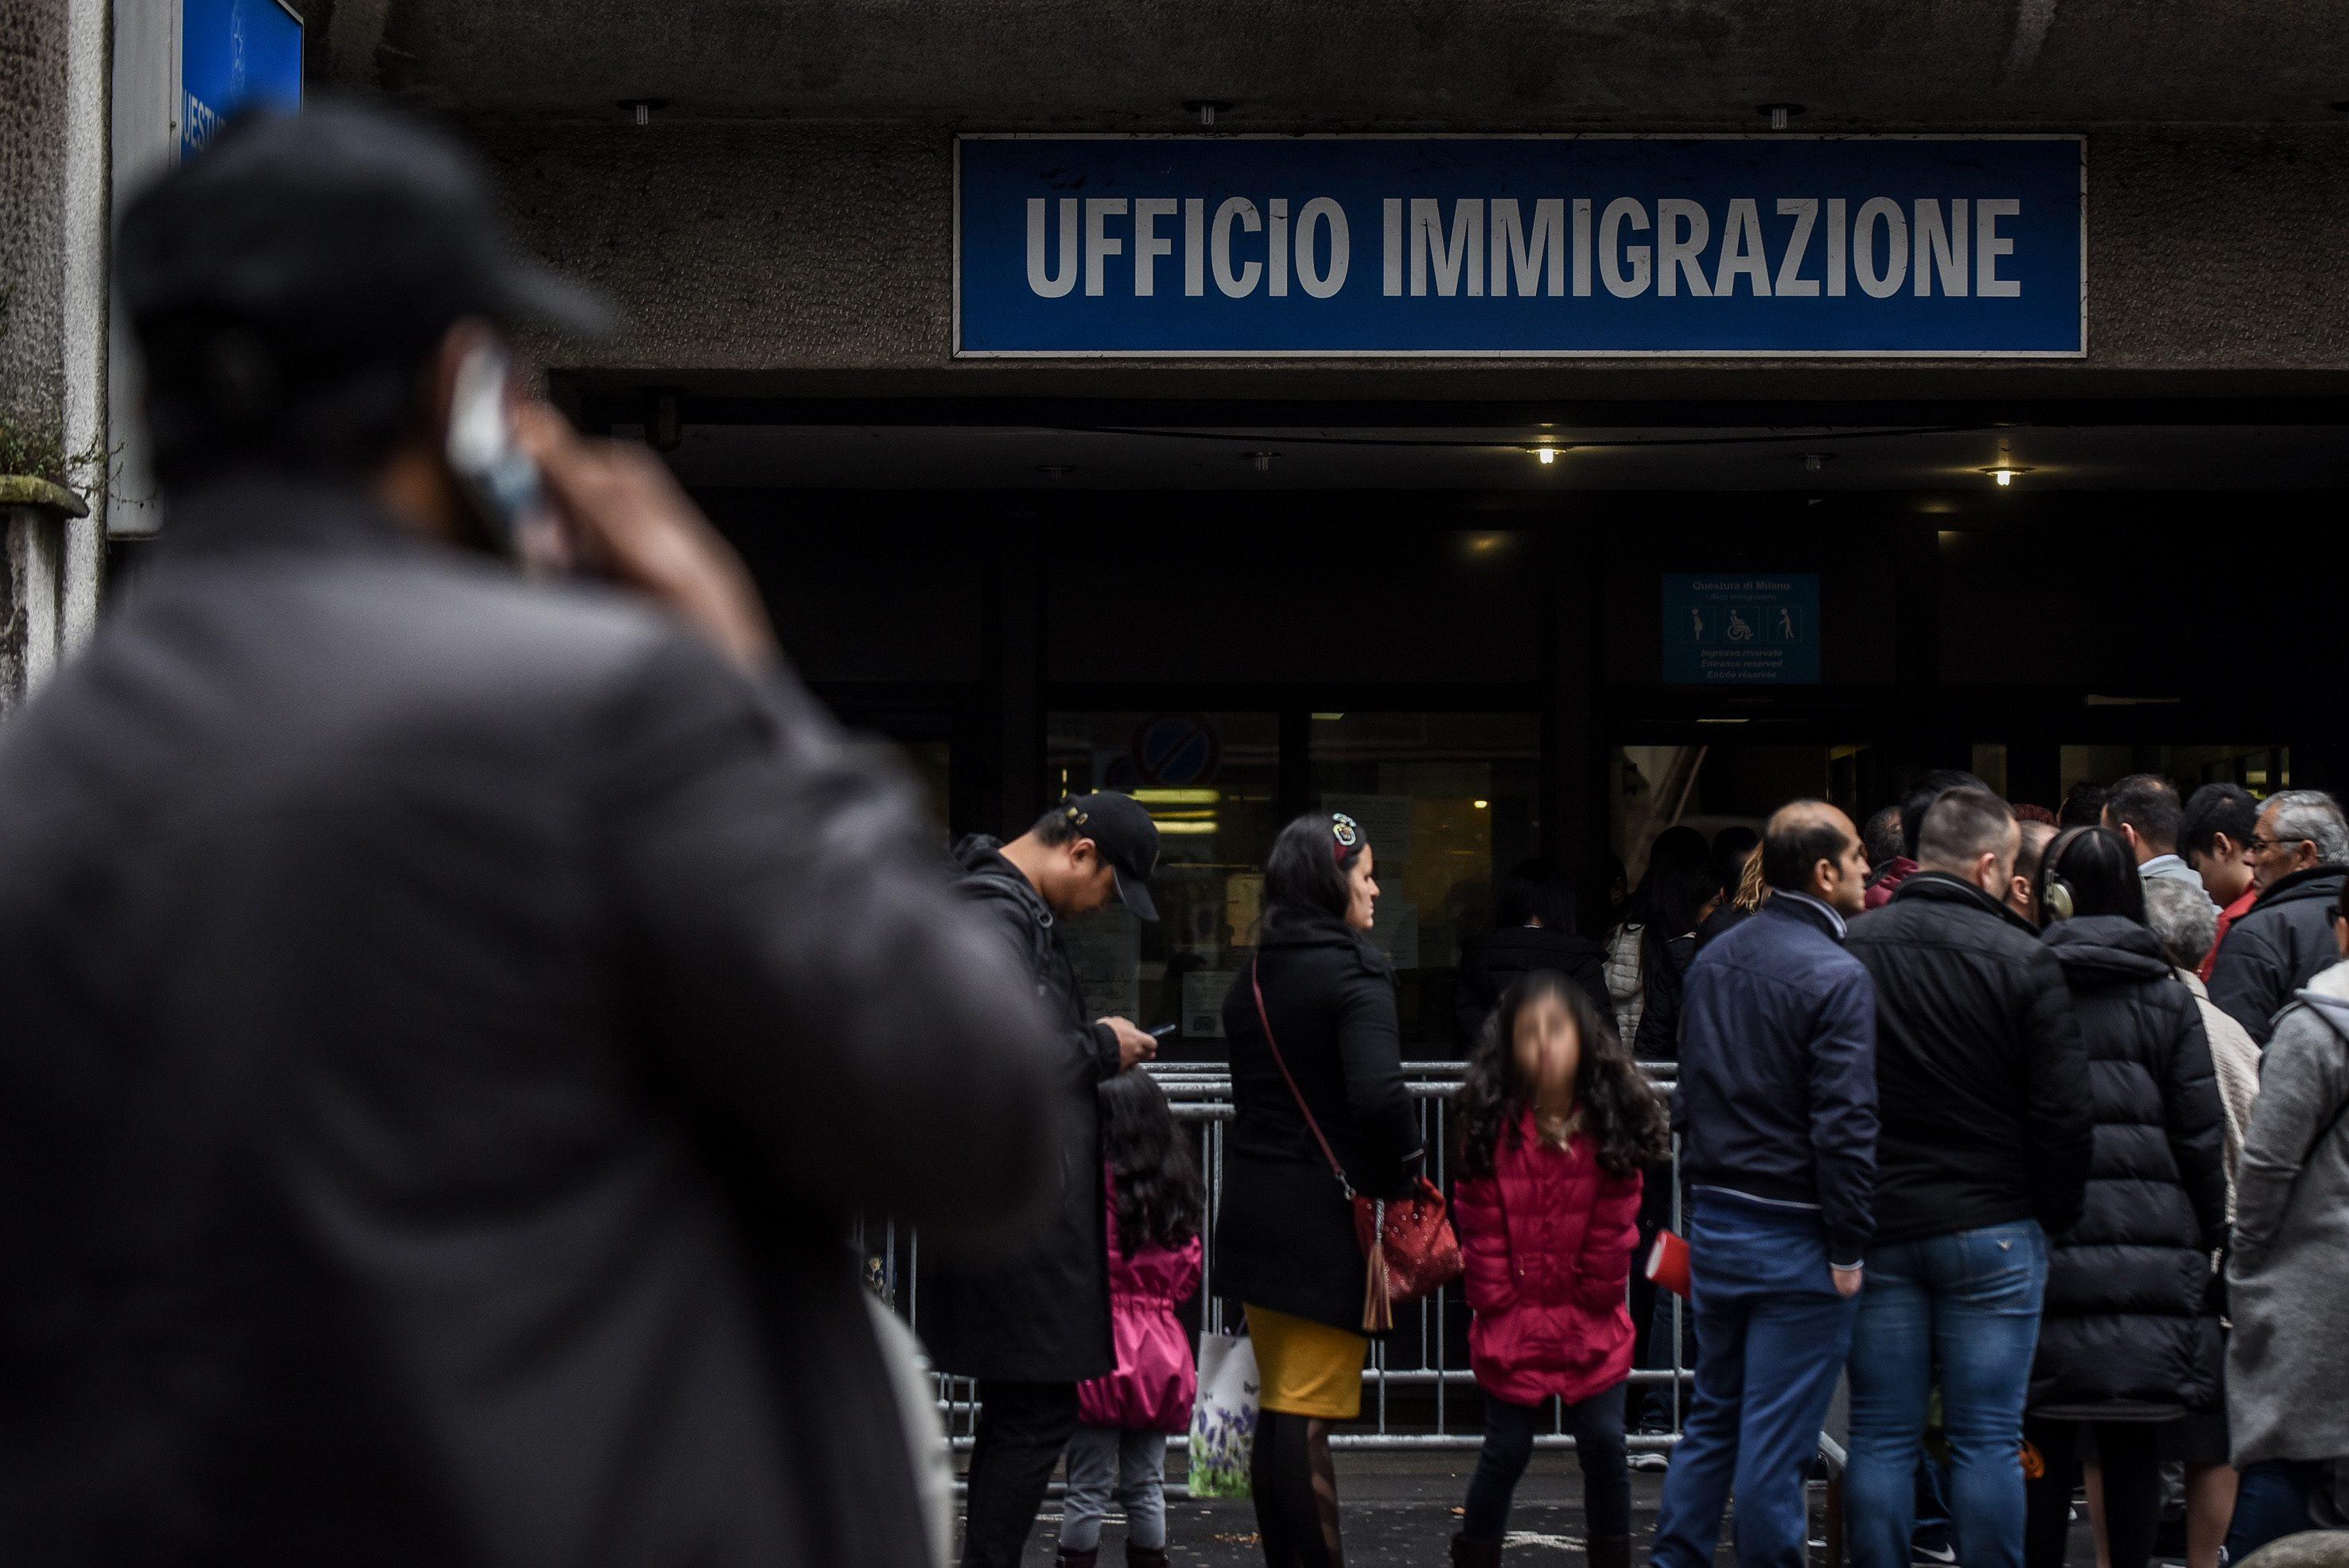 A Napoli in 24 ore rilasciati 2.650 permessi di soggiorno ...